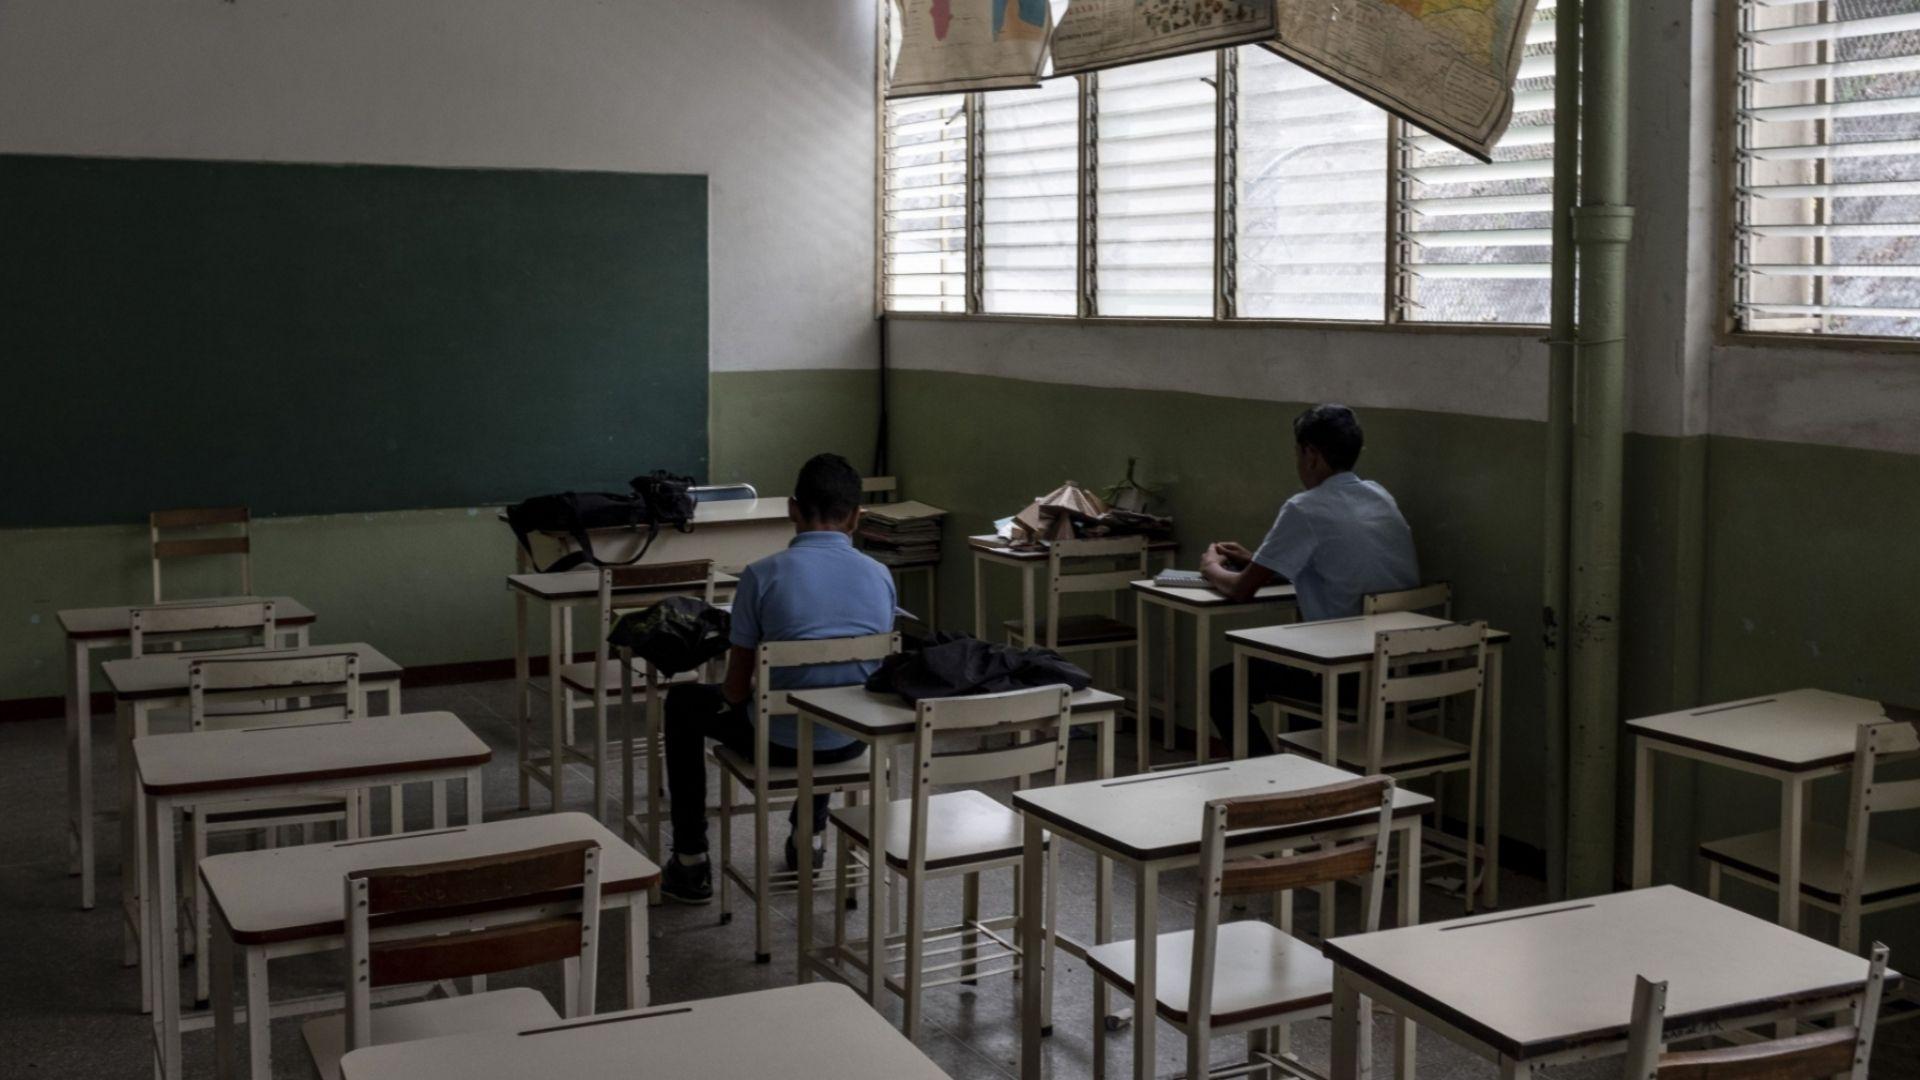 Abandono de sedes educativas en pandemia agudiza vulneraciones a la educación